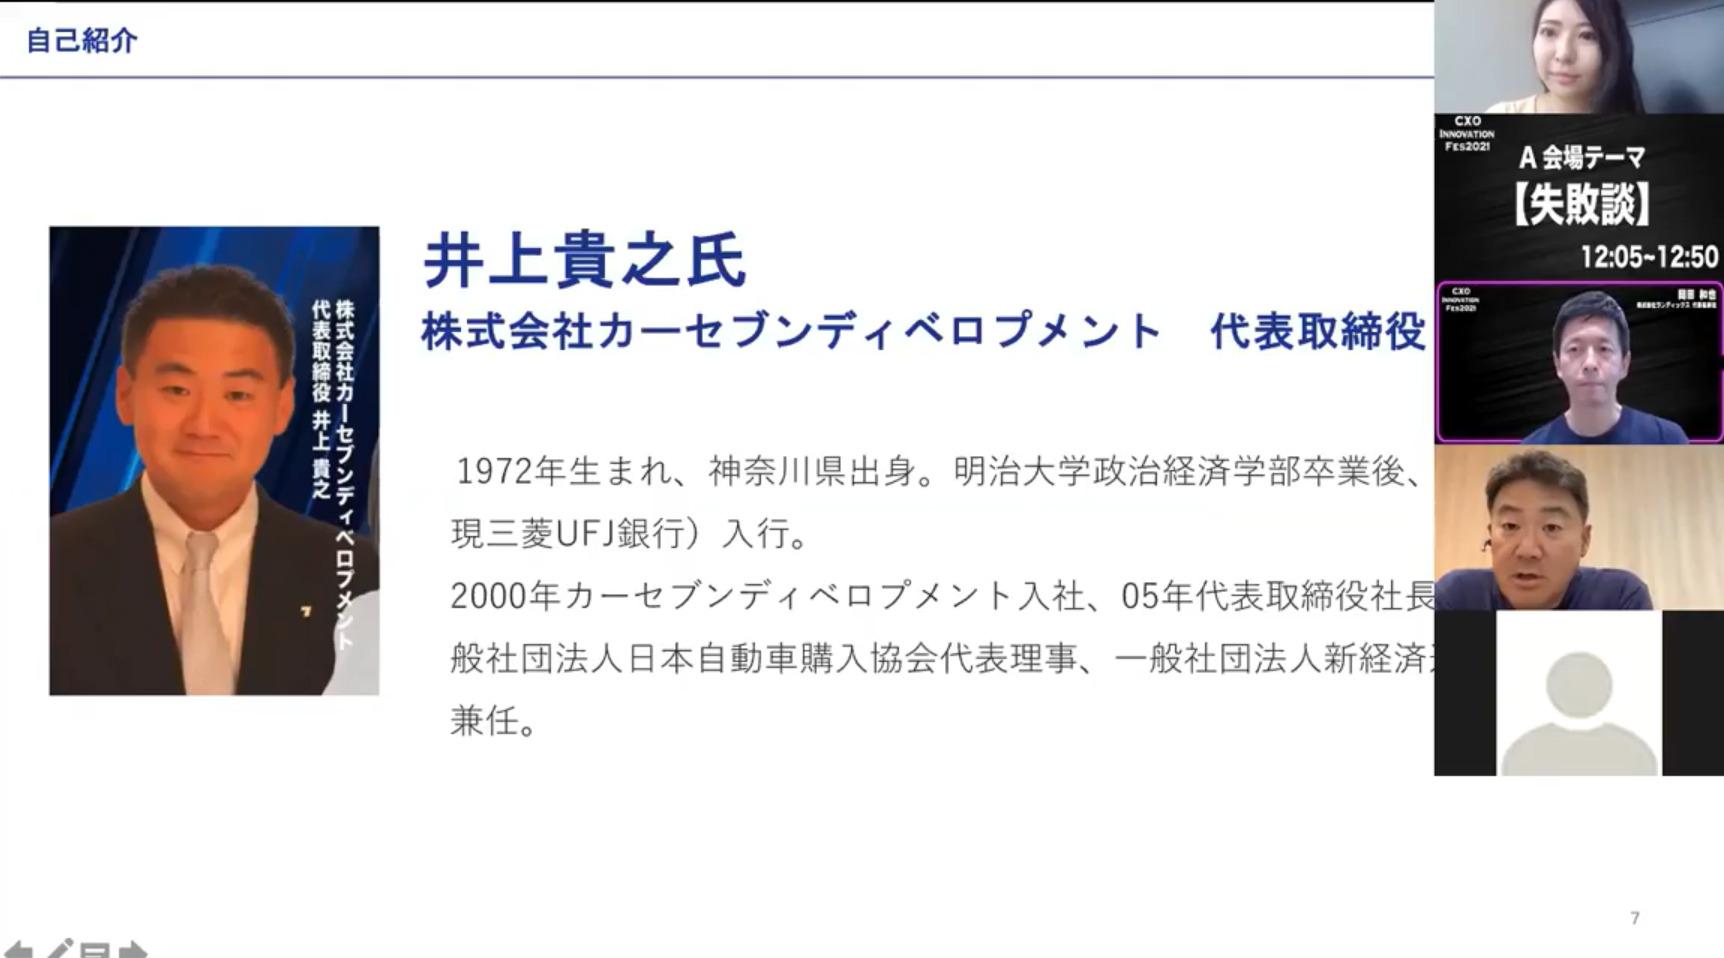 井上貴之氏(株式会社カーセブンディベロプメント 代表取締役)